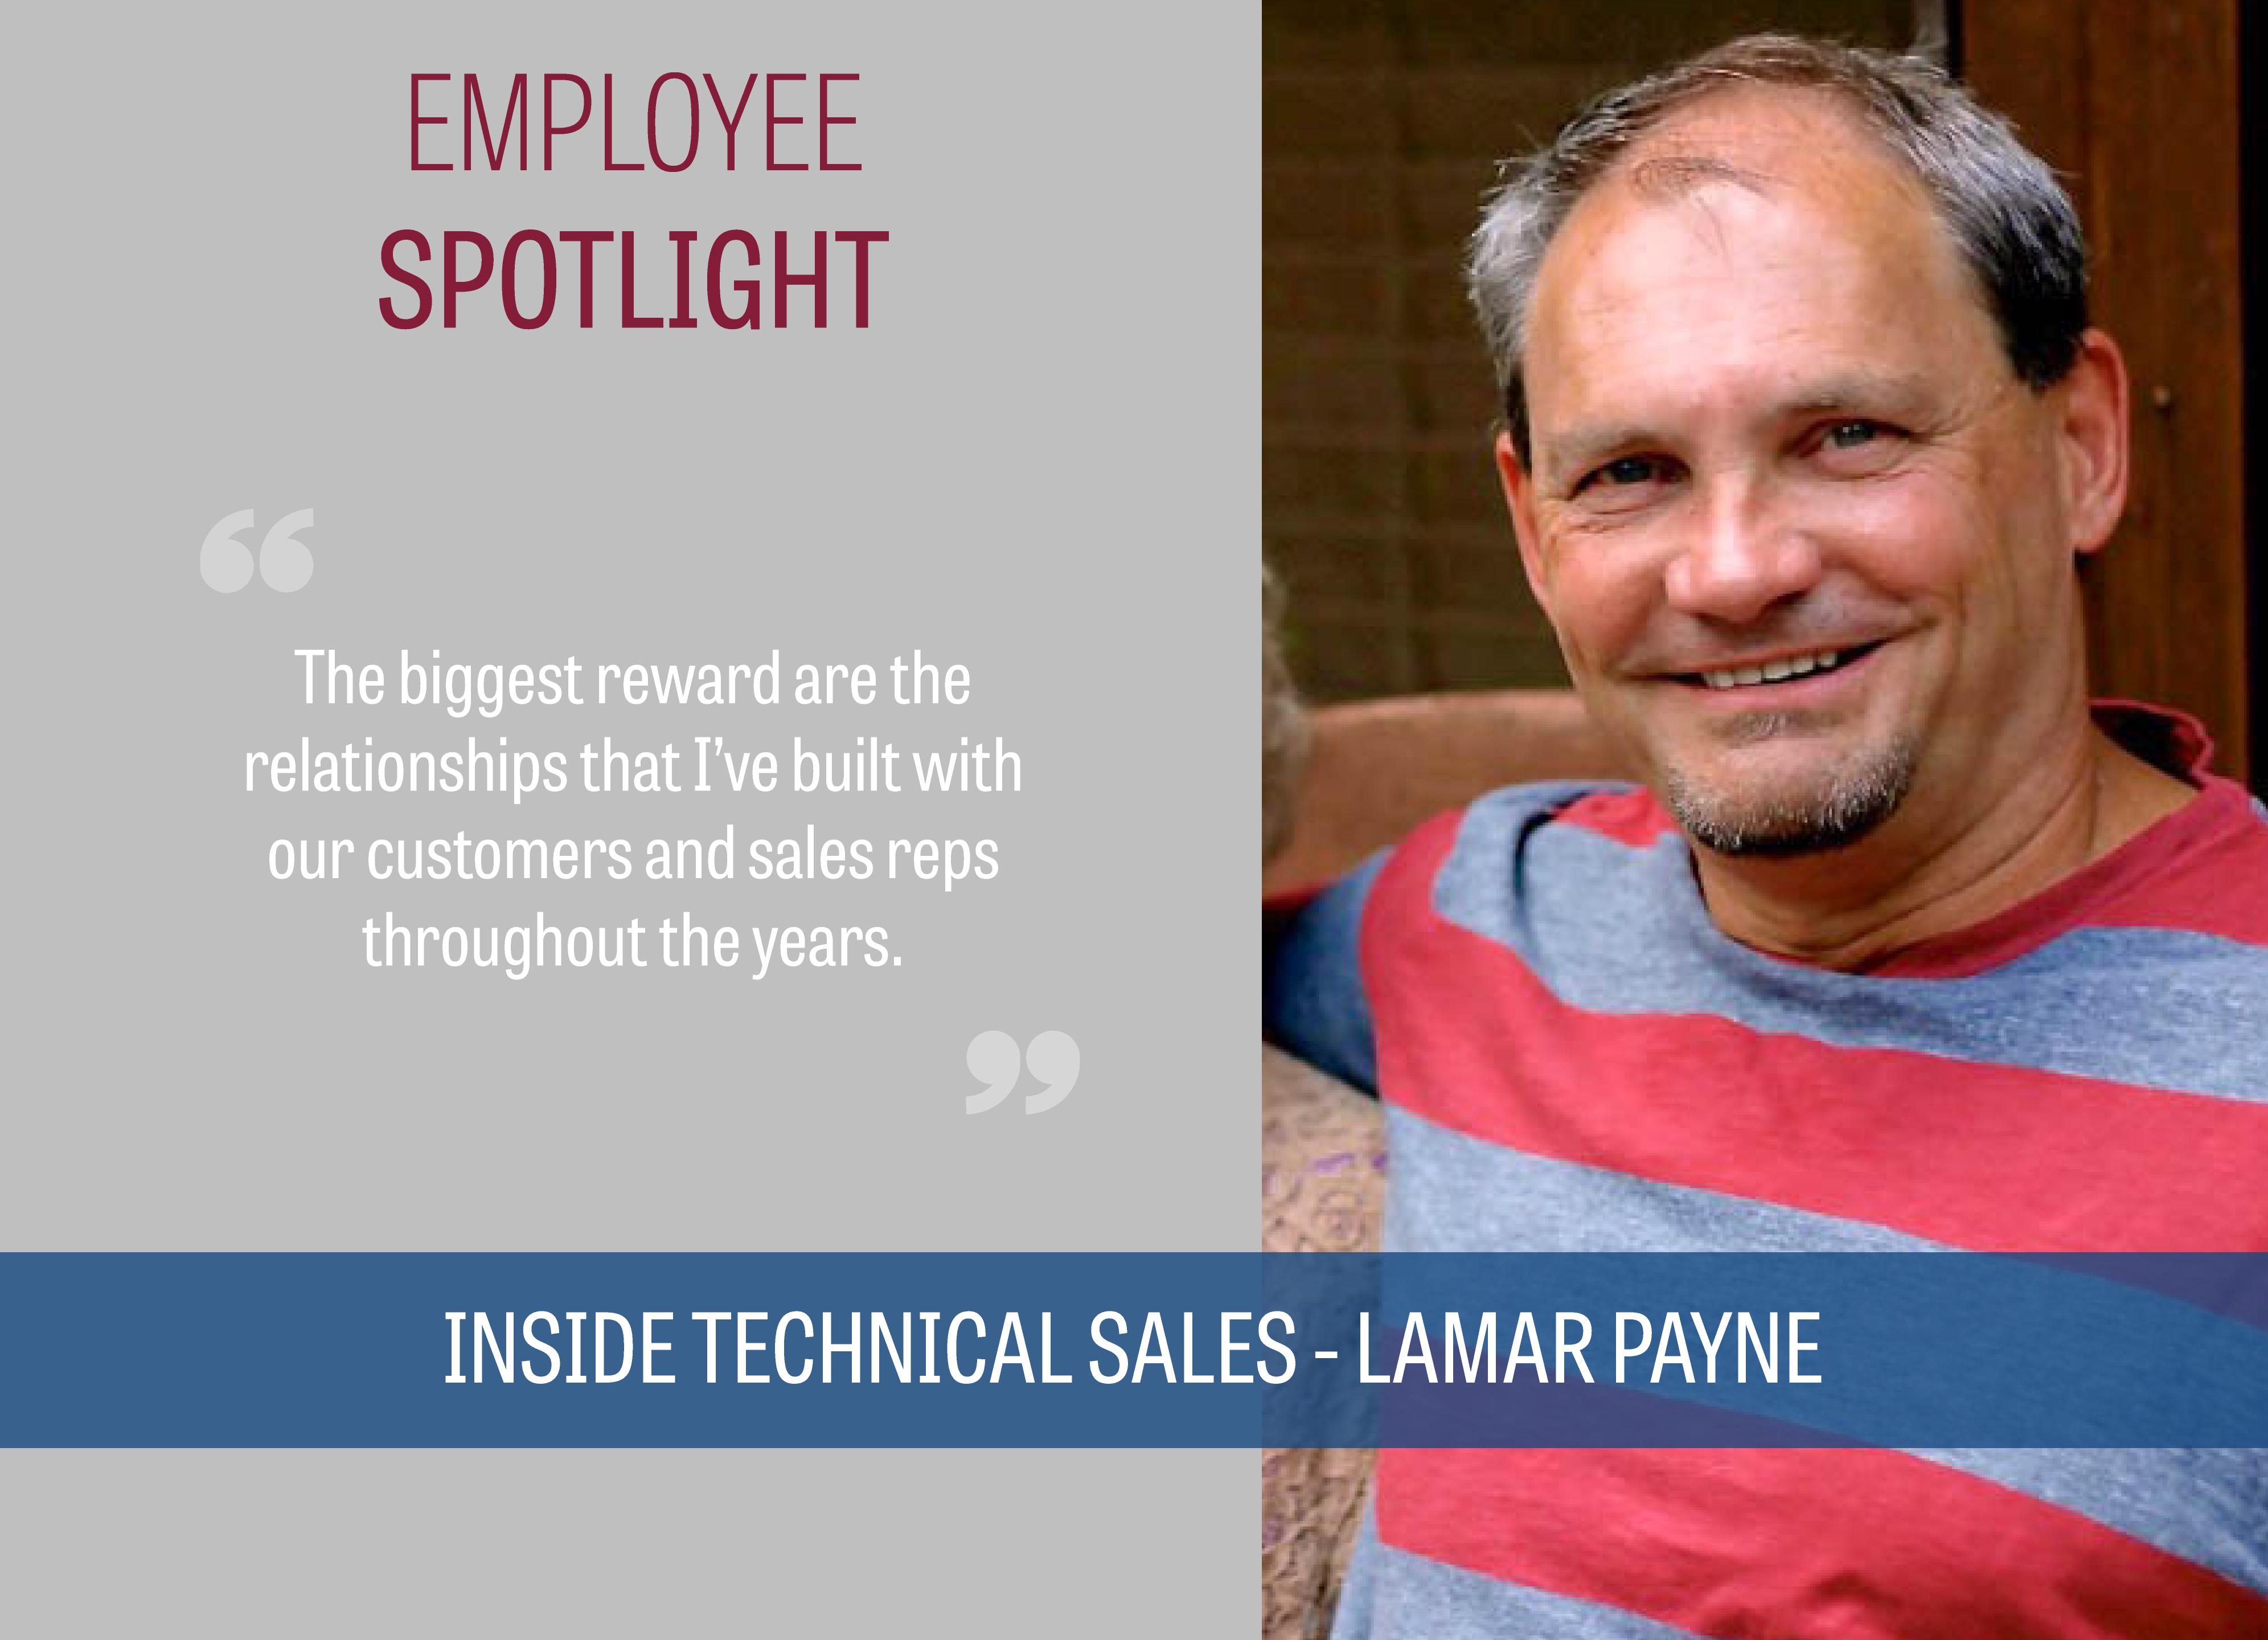 BBP Employee Spotlight Lamar Payne